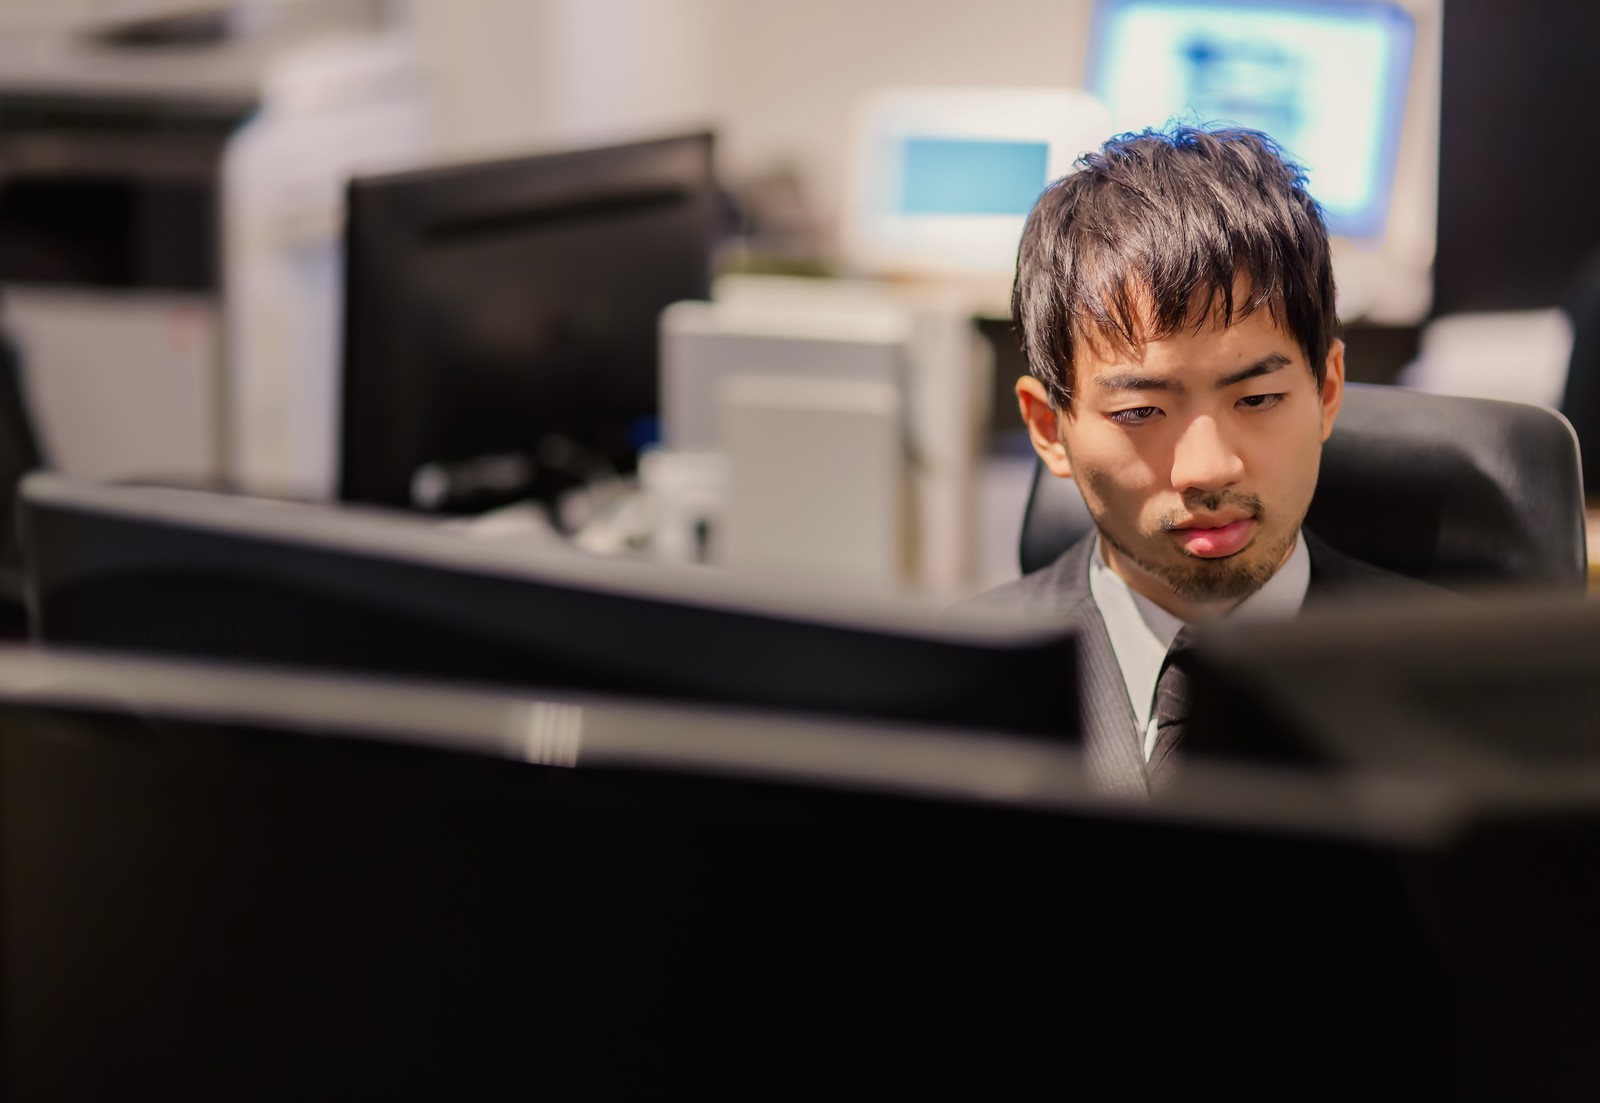 仕事がもう無理と感じたら、無理せず働ける方法を探そう。辞めたいなら転職もあり。